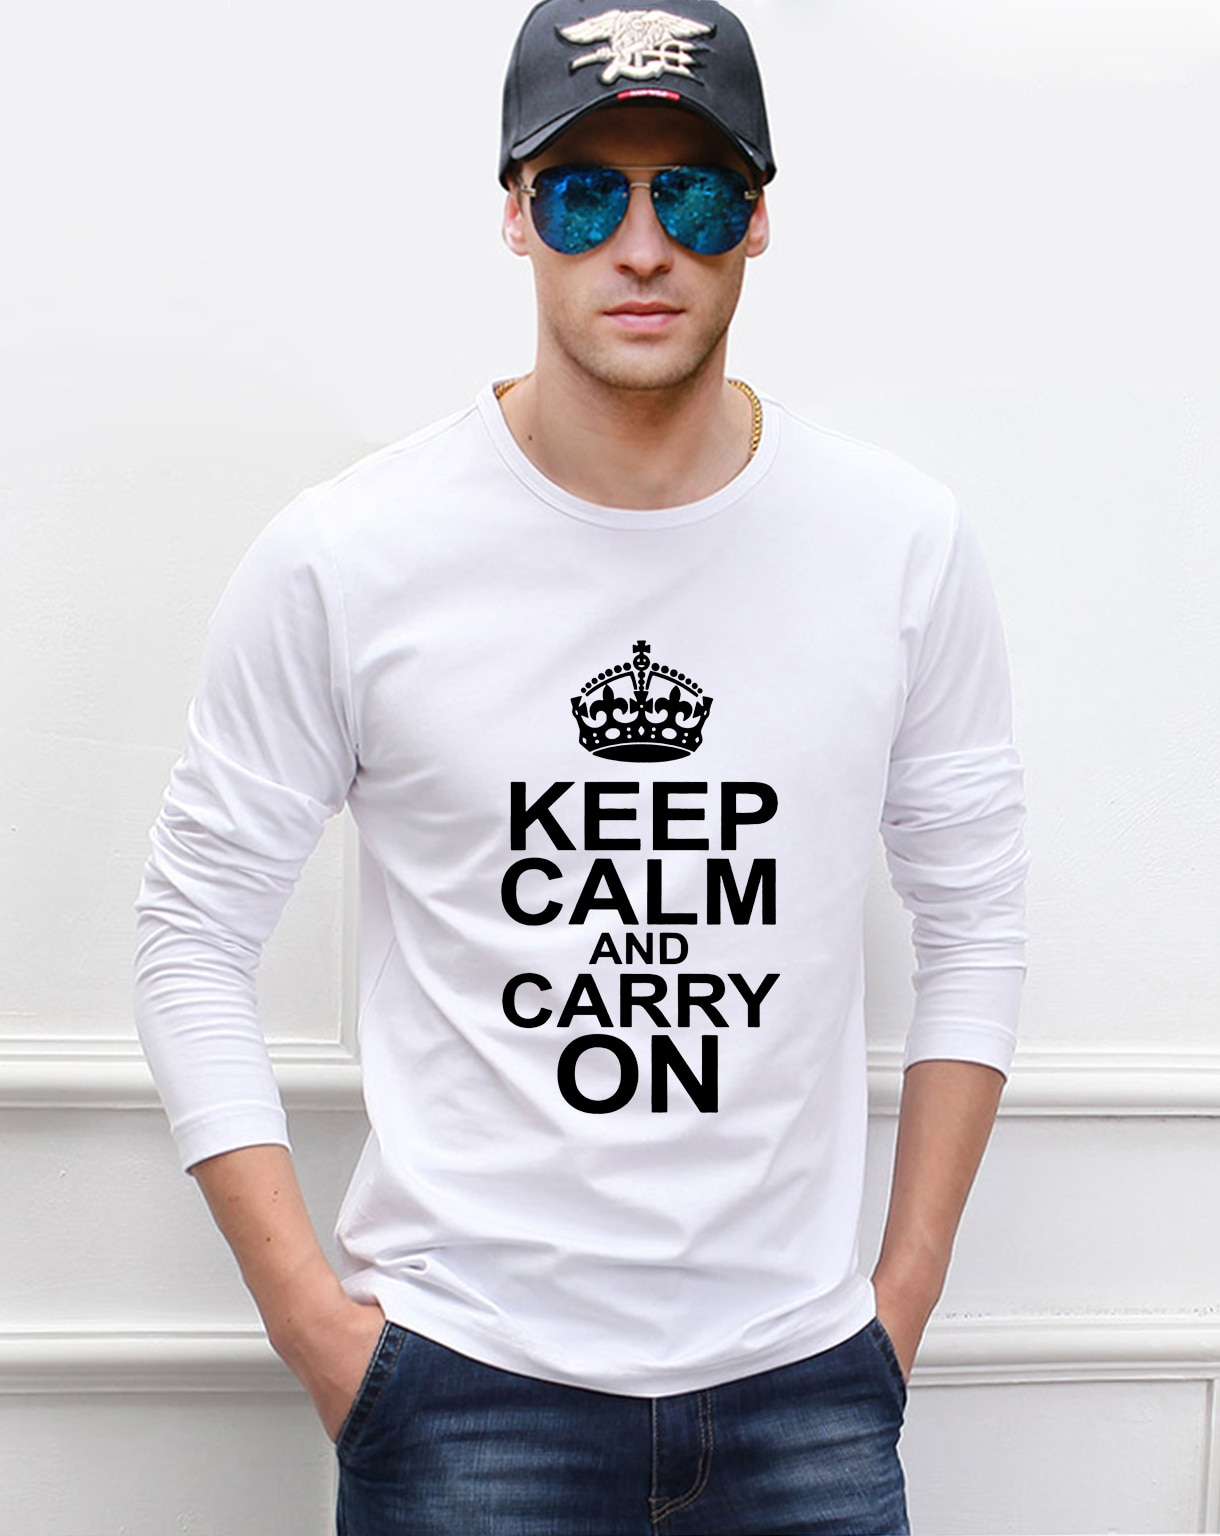 Camiseta de manga larga con estampado de Pokemon Keep Calm And Carry On, novedad de 2020, camiseta a la moda de otoño 100% de algodón de alta calidad para hombre